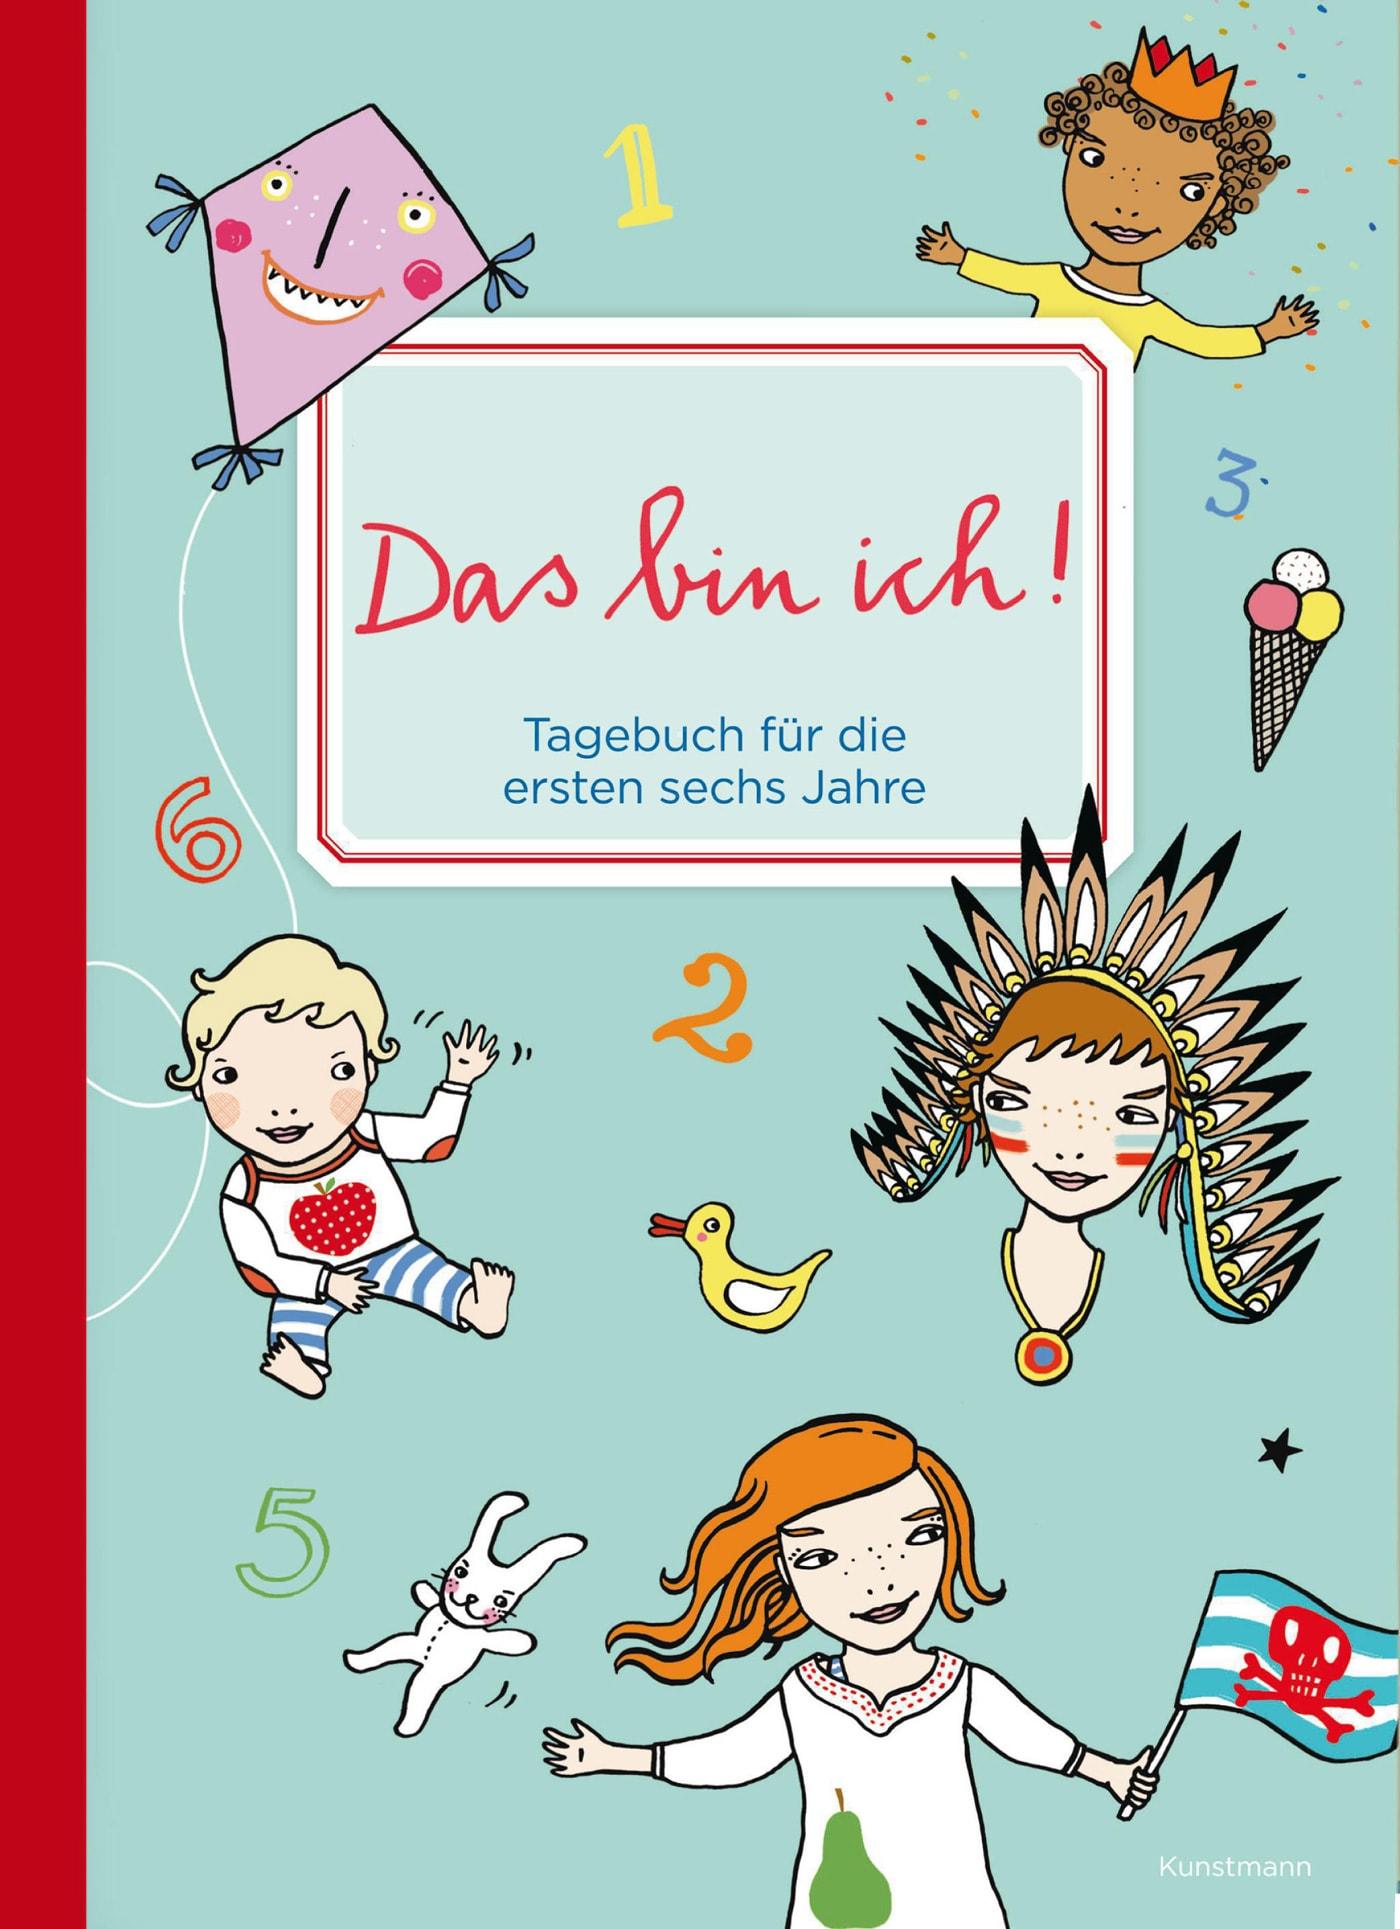 Geschenke zur Geburt: Tagebuch für die ersten sechs Jahre von Silke Schmidt // HIMBEER